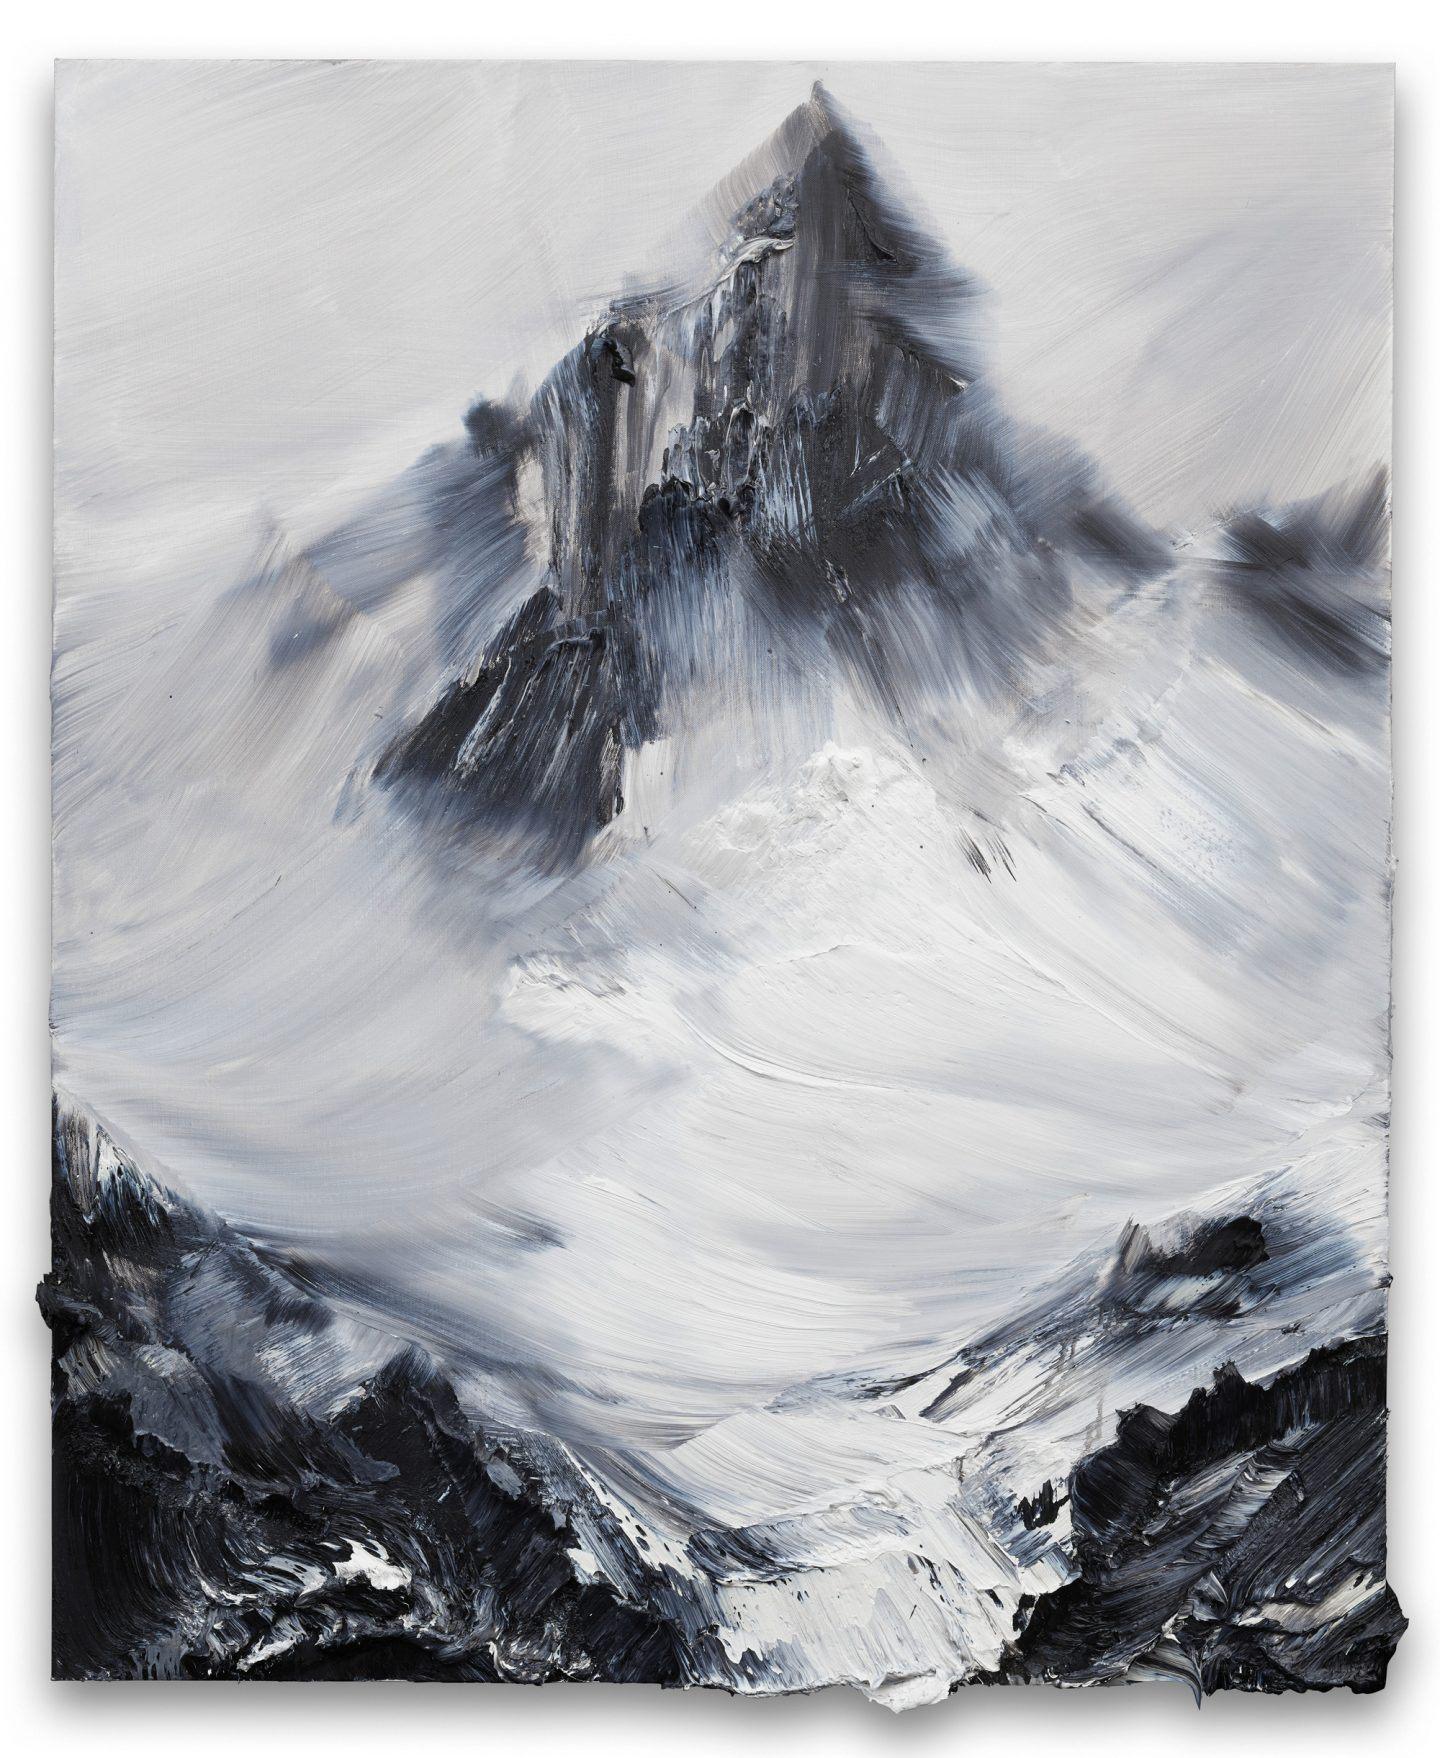 IGNANT-Art-Conrad-Jon-Godly-Paintings-8